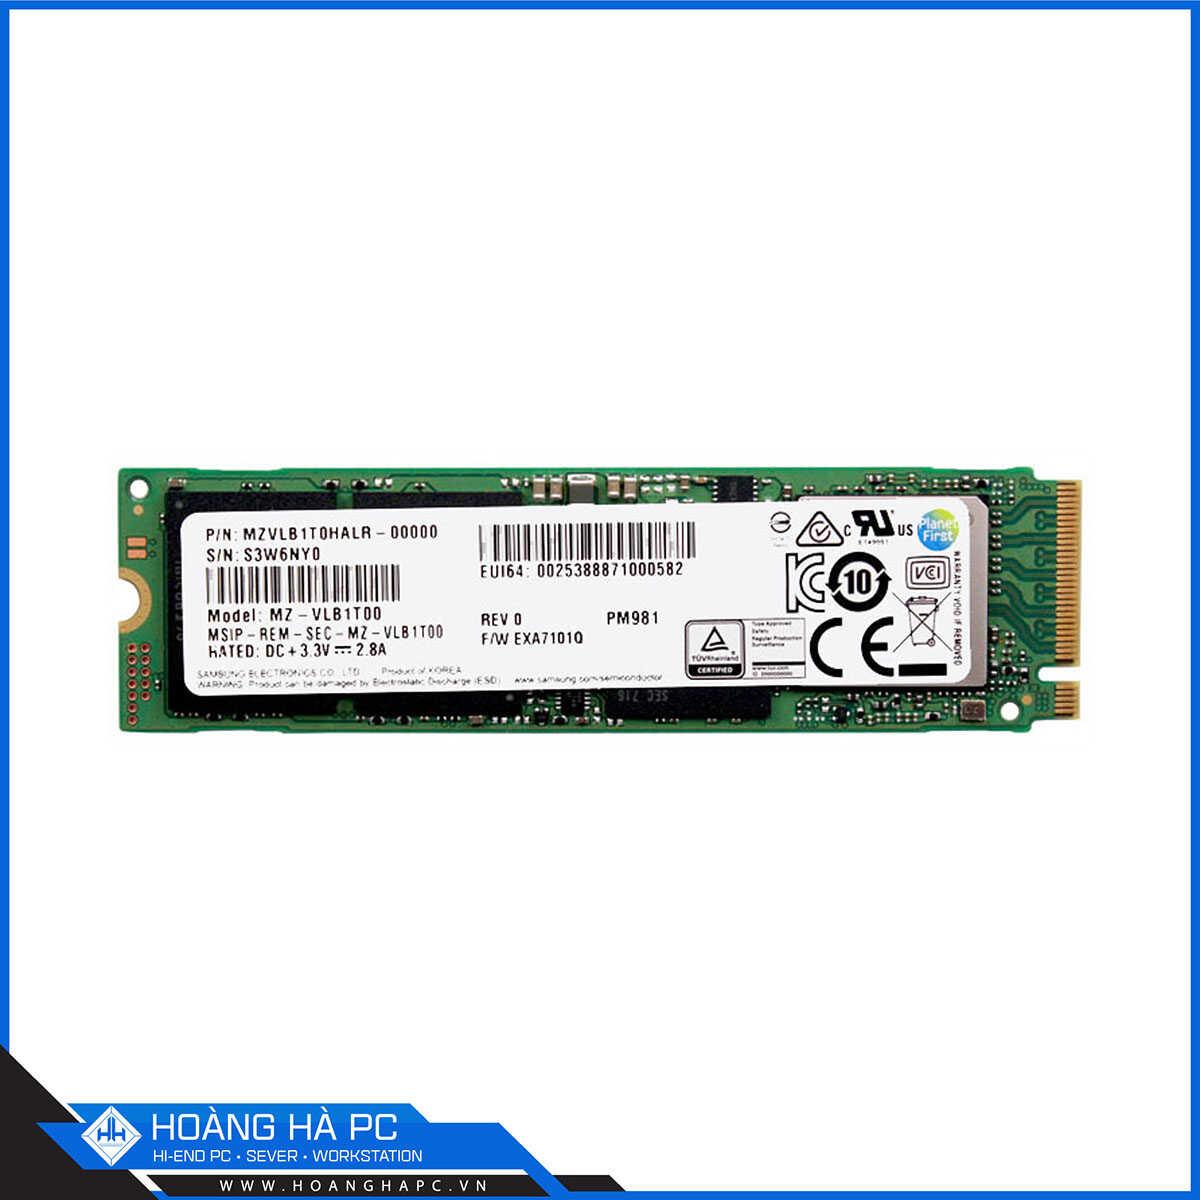 SSD Samsung PM981 1TB M.2 PCIe NVMe Gen 3x4